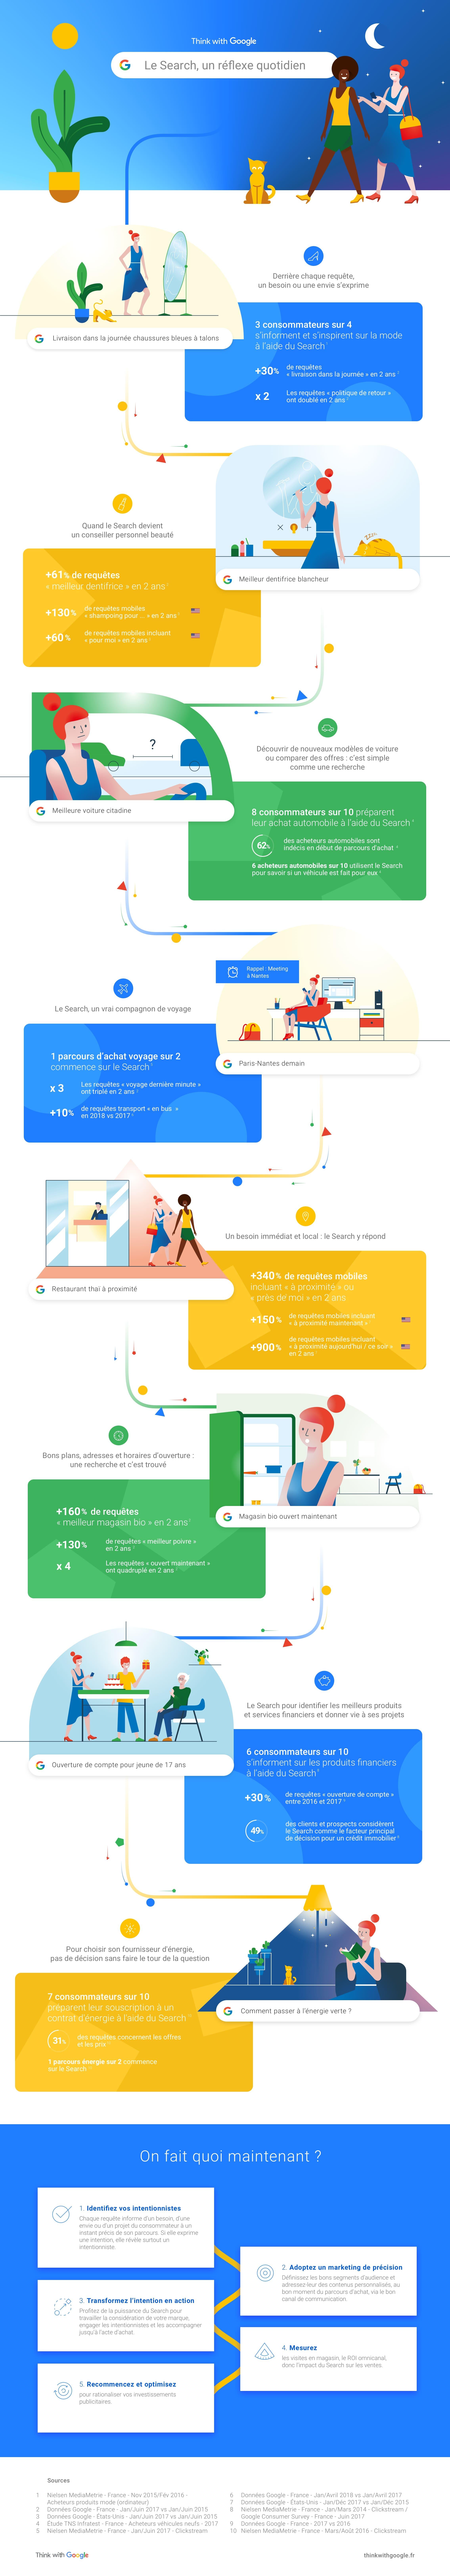 Infographie sur le recherche sur Google